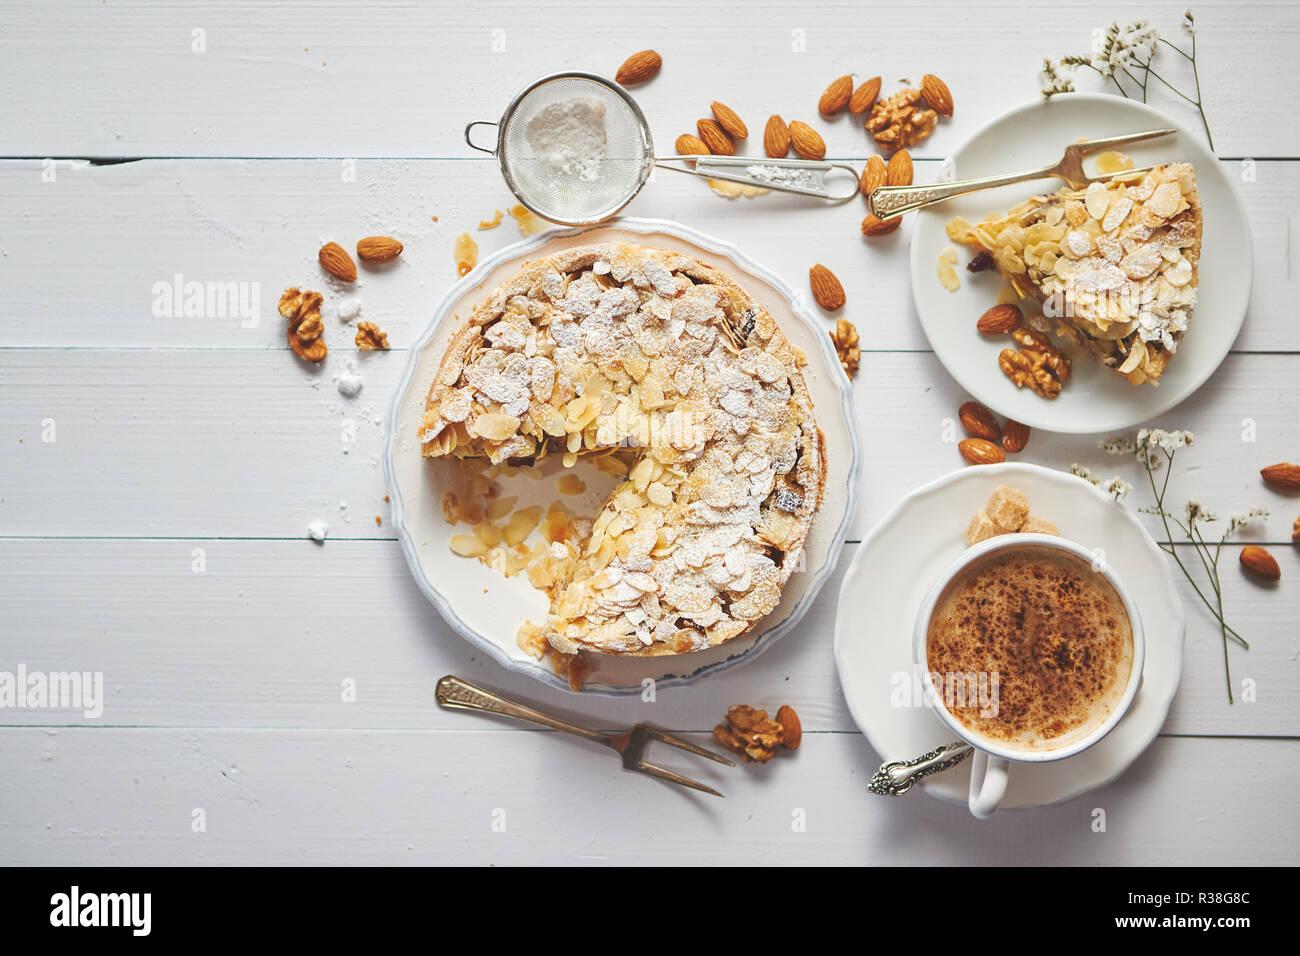 Ensemble de délicieux gâteau aux pommes aux amandes servi sur table en bois Photo Stock